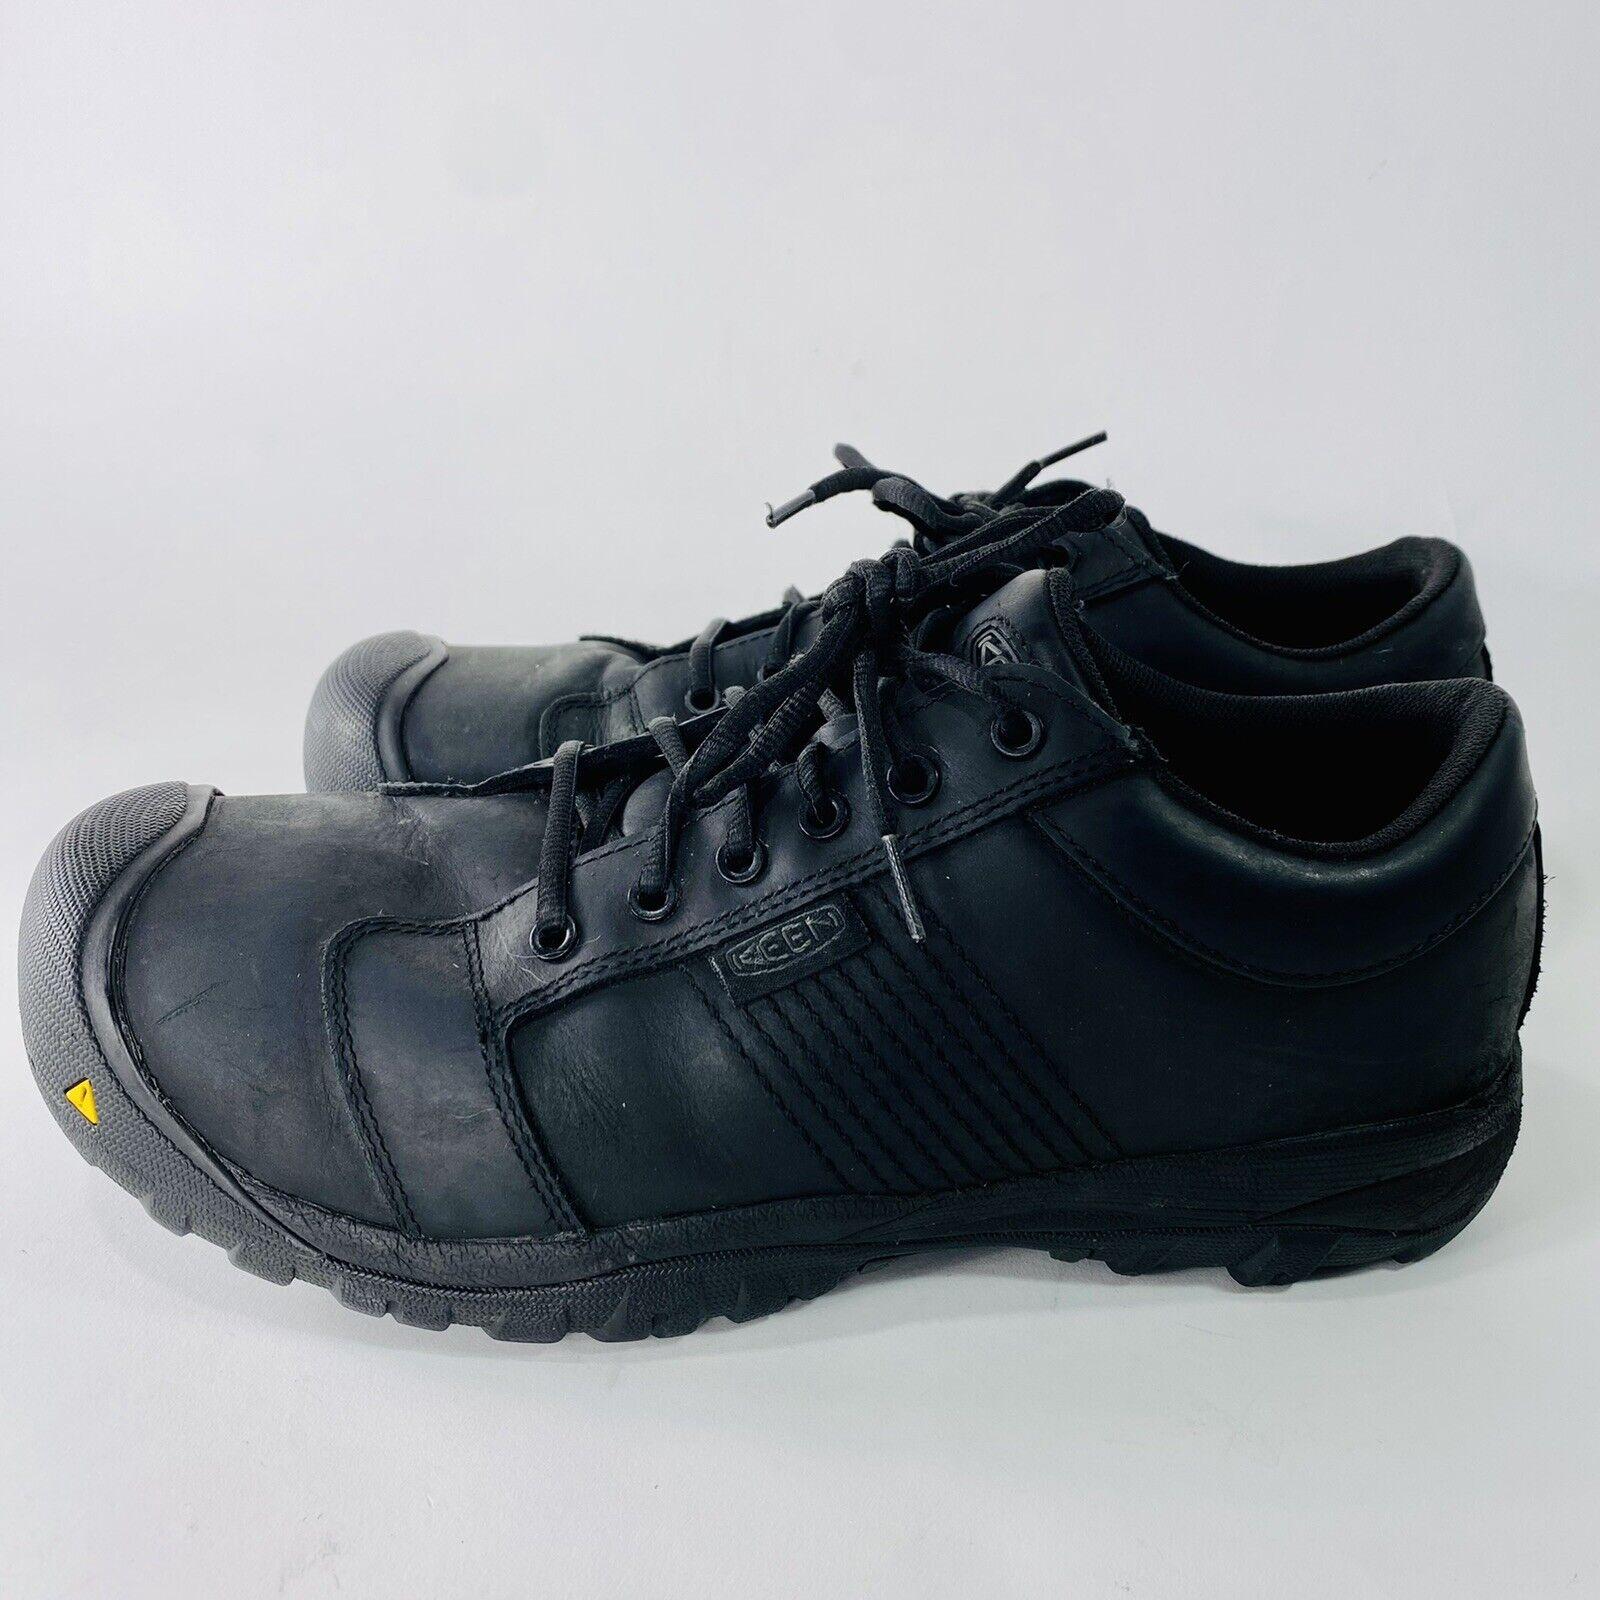 Keen La Conner ESD Aluminum Toe Black Work Shoes 1017823D - Men's Size 11.5